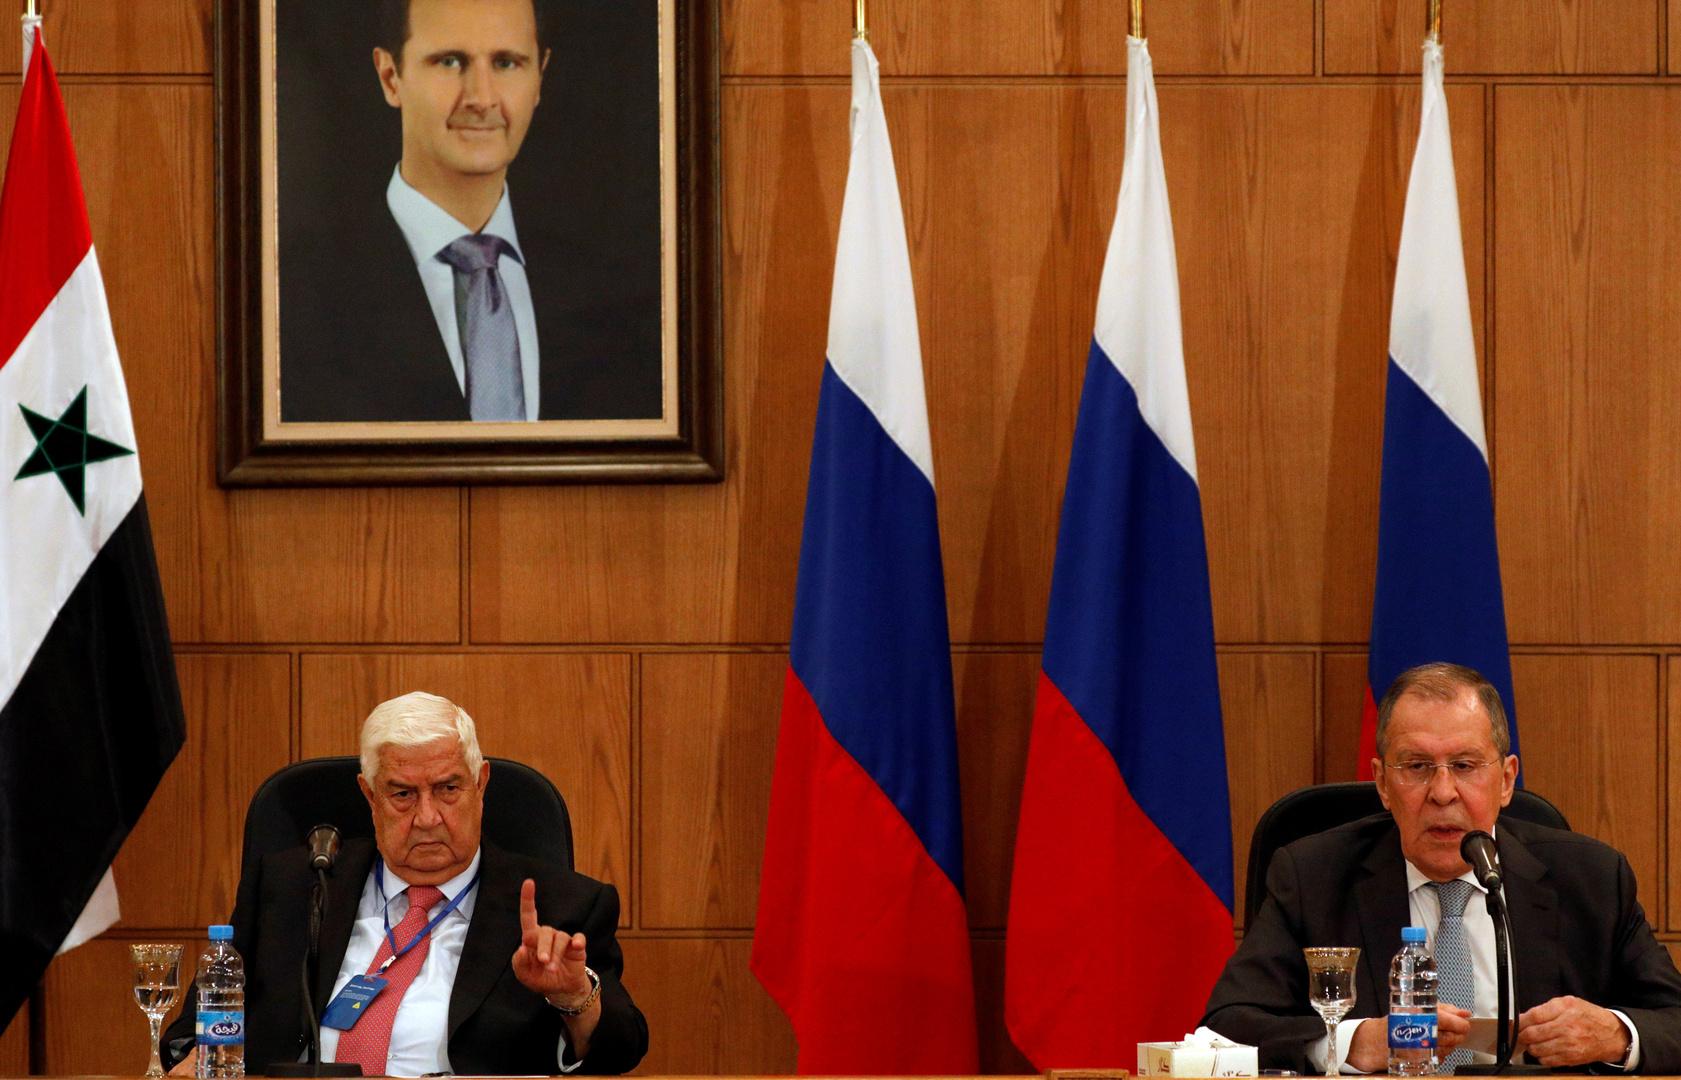 المعلم: الانتخابات الرئاسية السورية ستجري في موعدها وستكون نزيهة